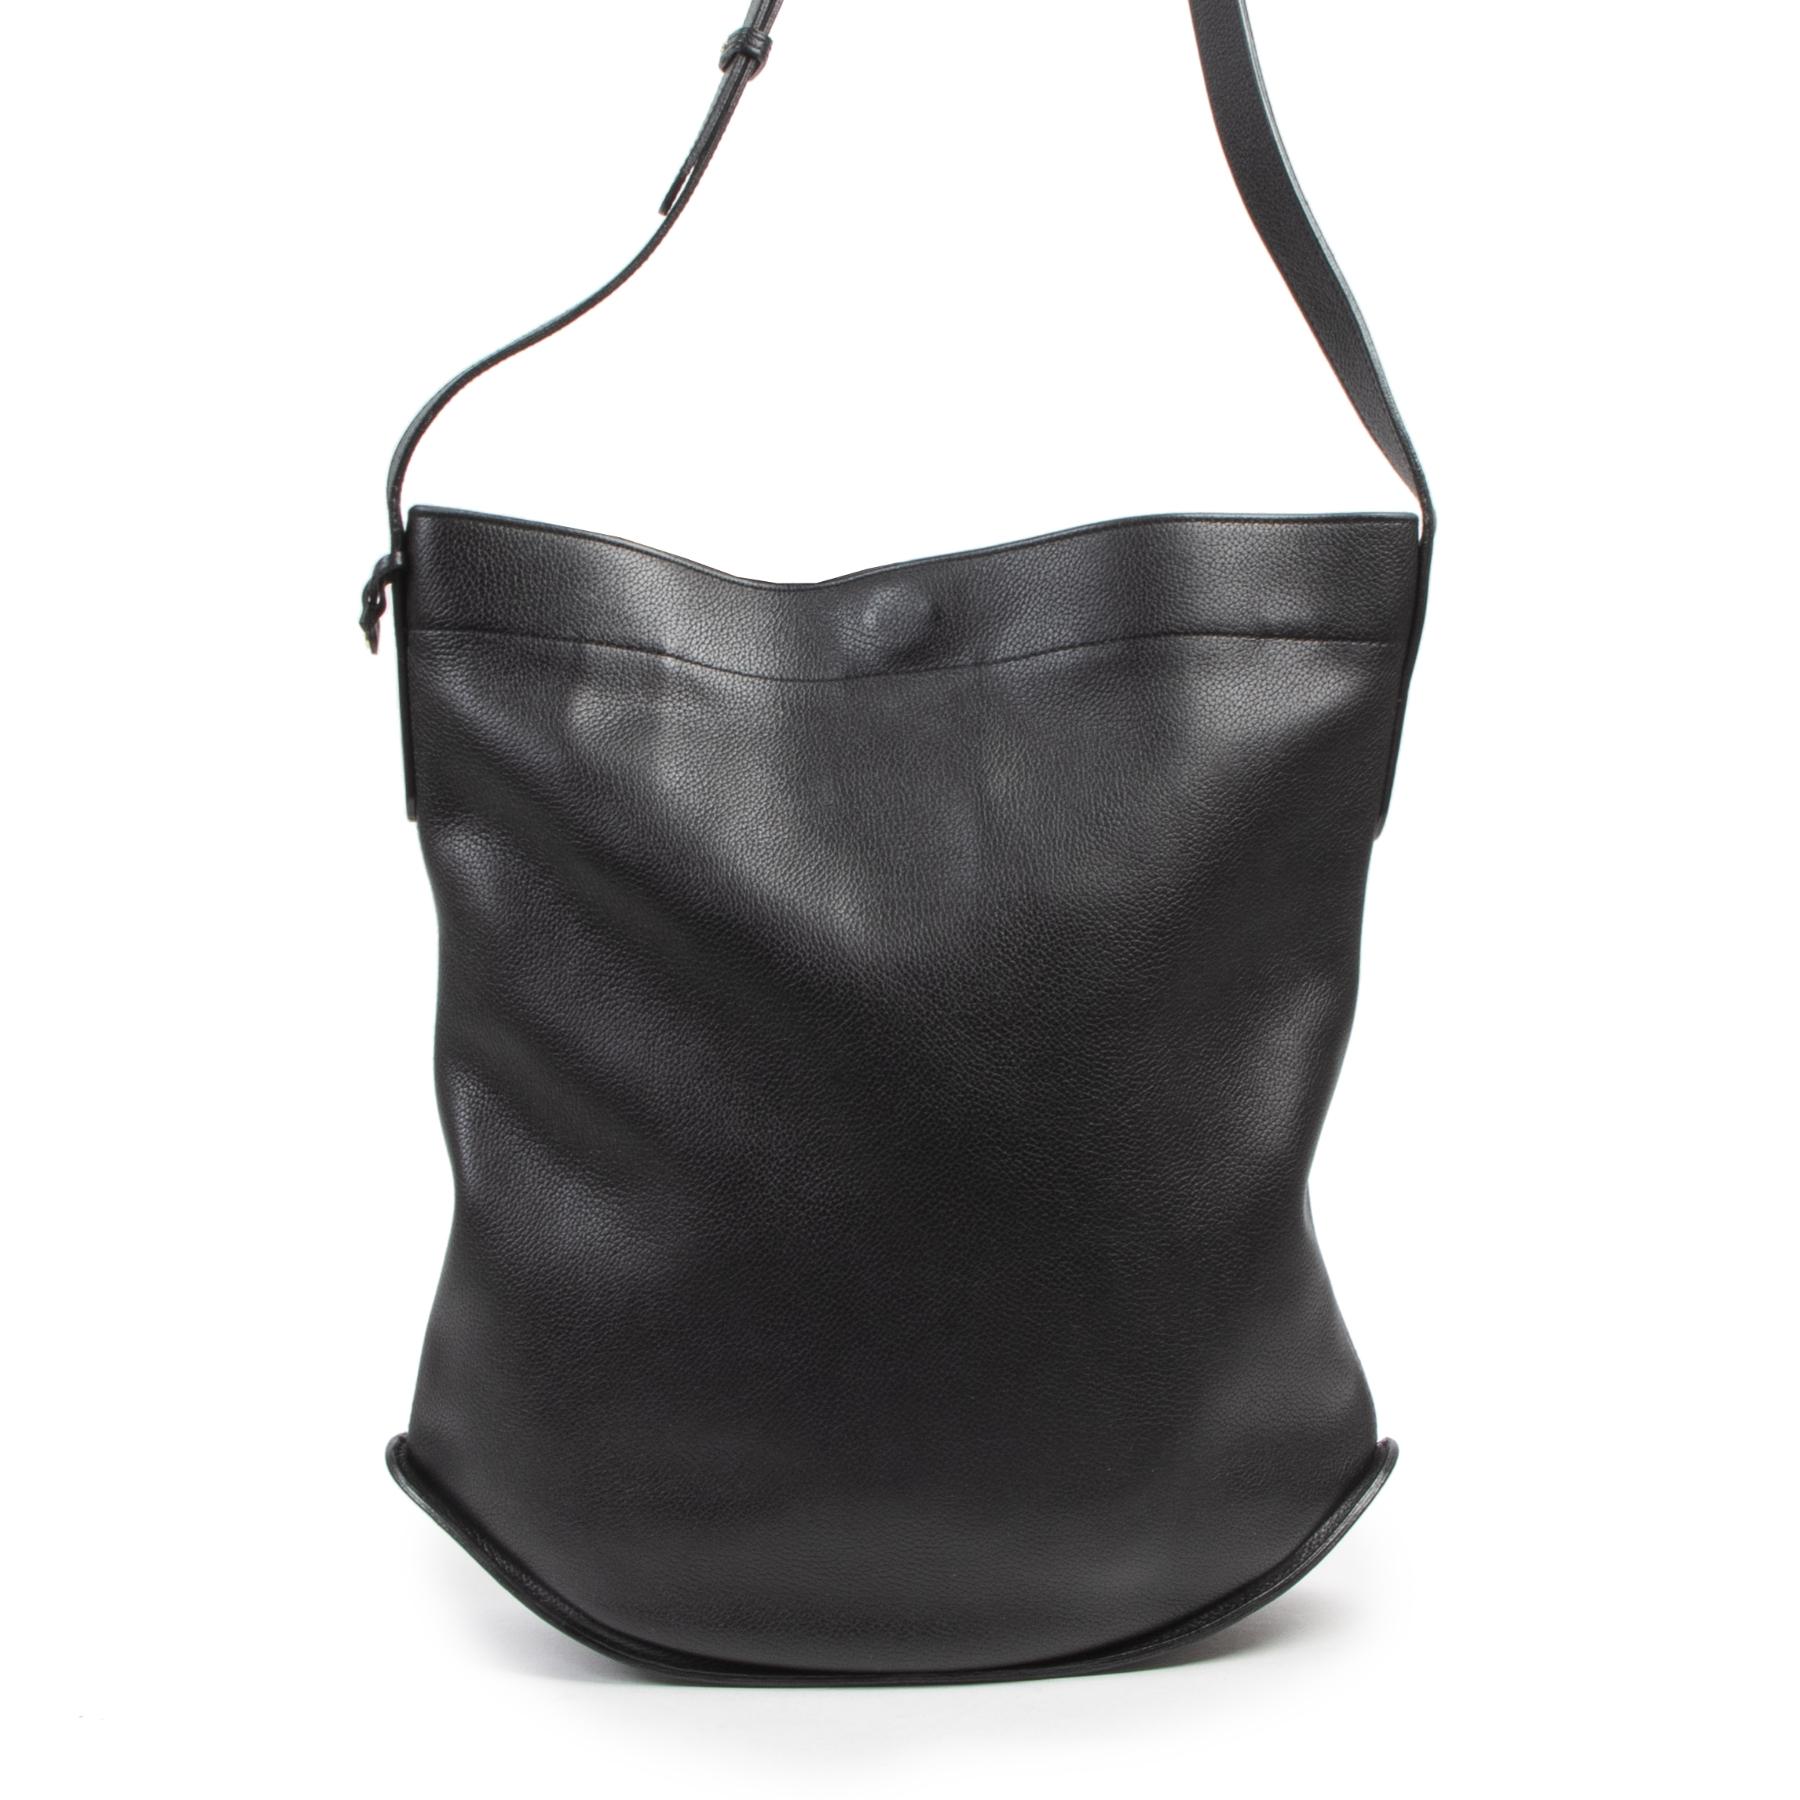 Authentique seconde-main vintage Delvaux Black Le Pin Shoulder Bag achète en ligne webshop LabelLOV